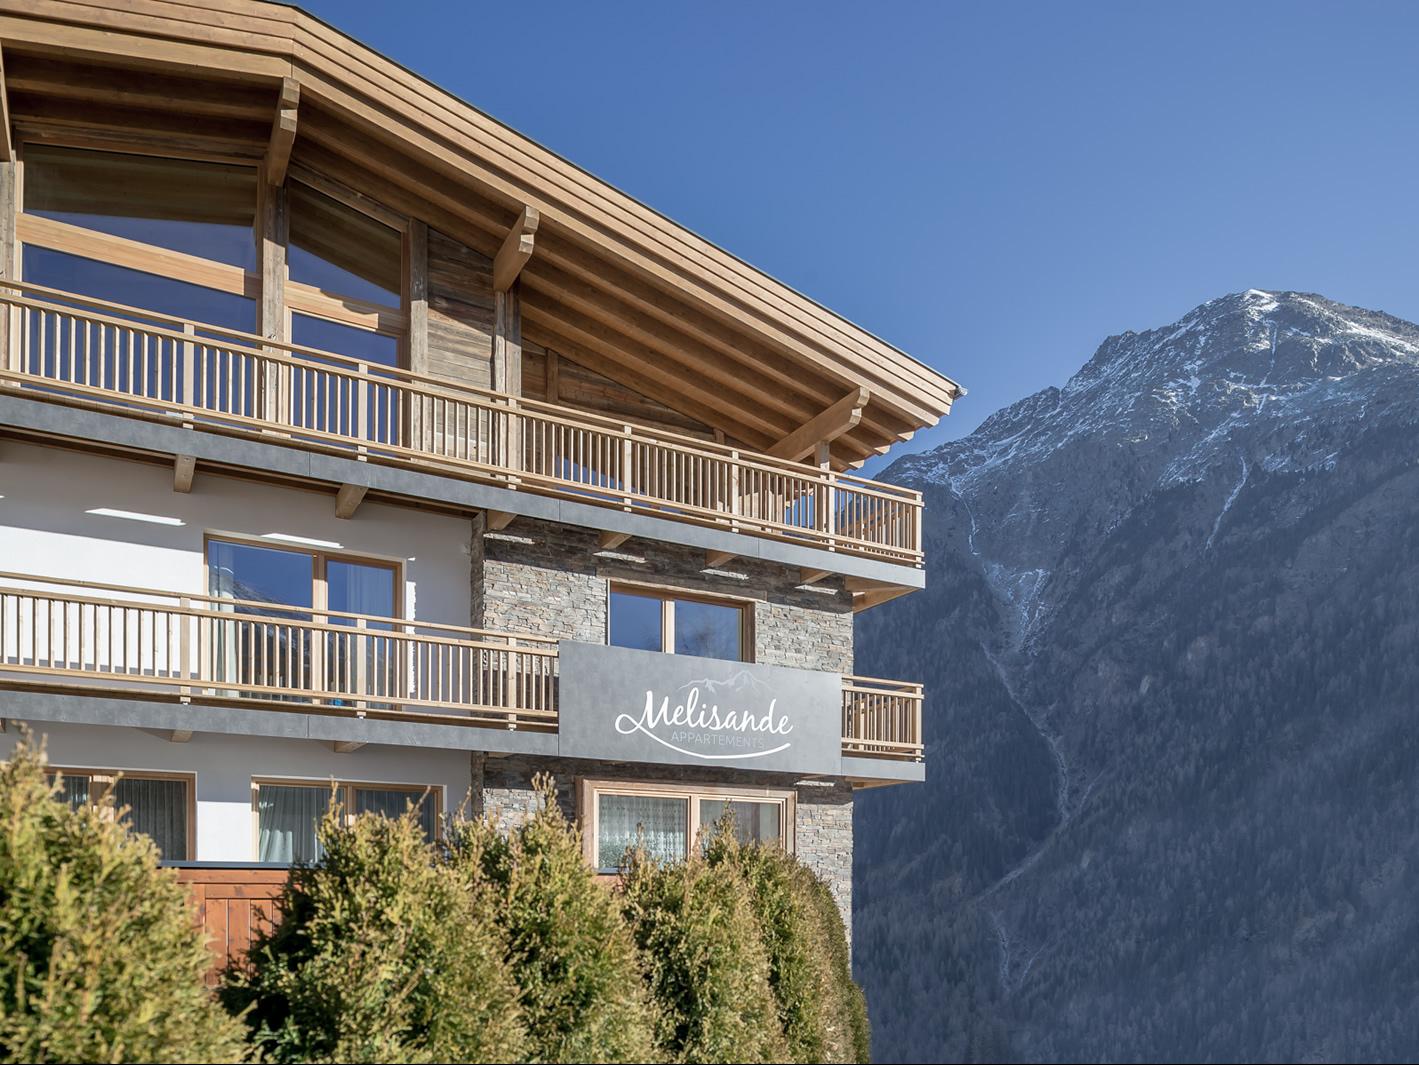 Chalet-appartement The Peak Melisande 3 - 2-3 personen